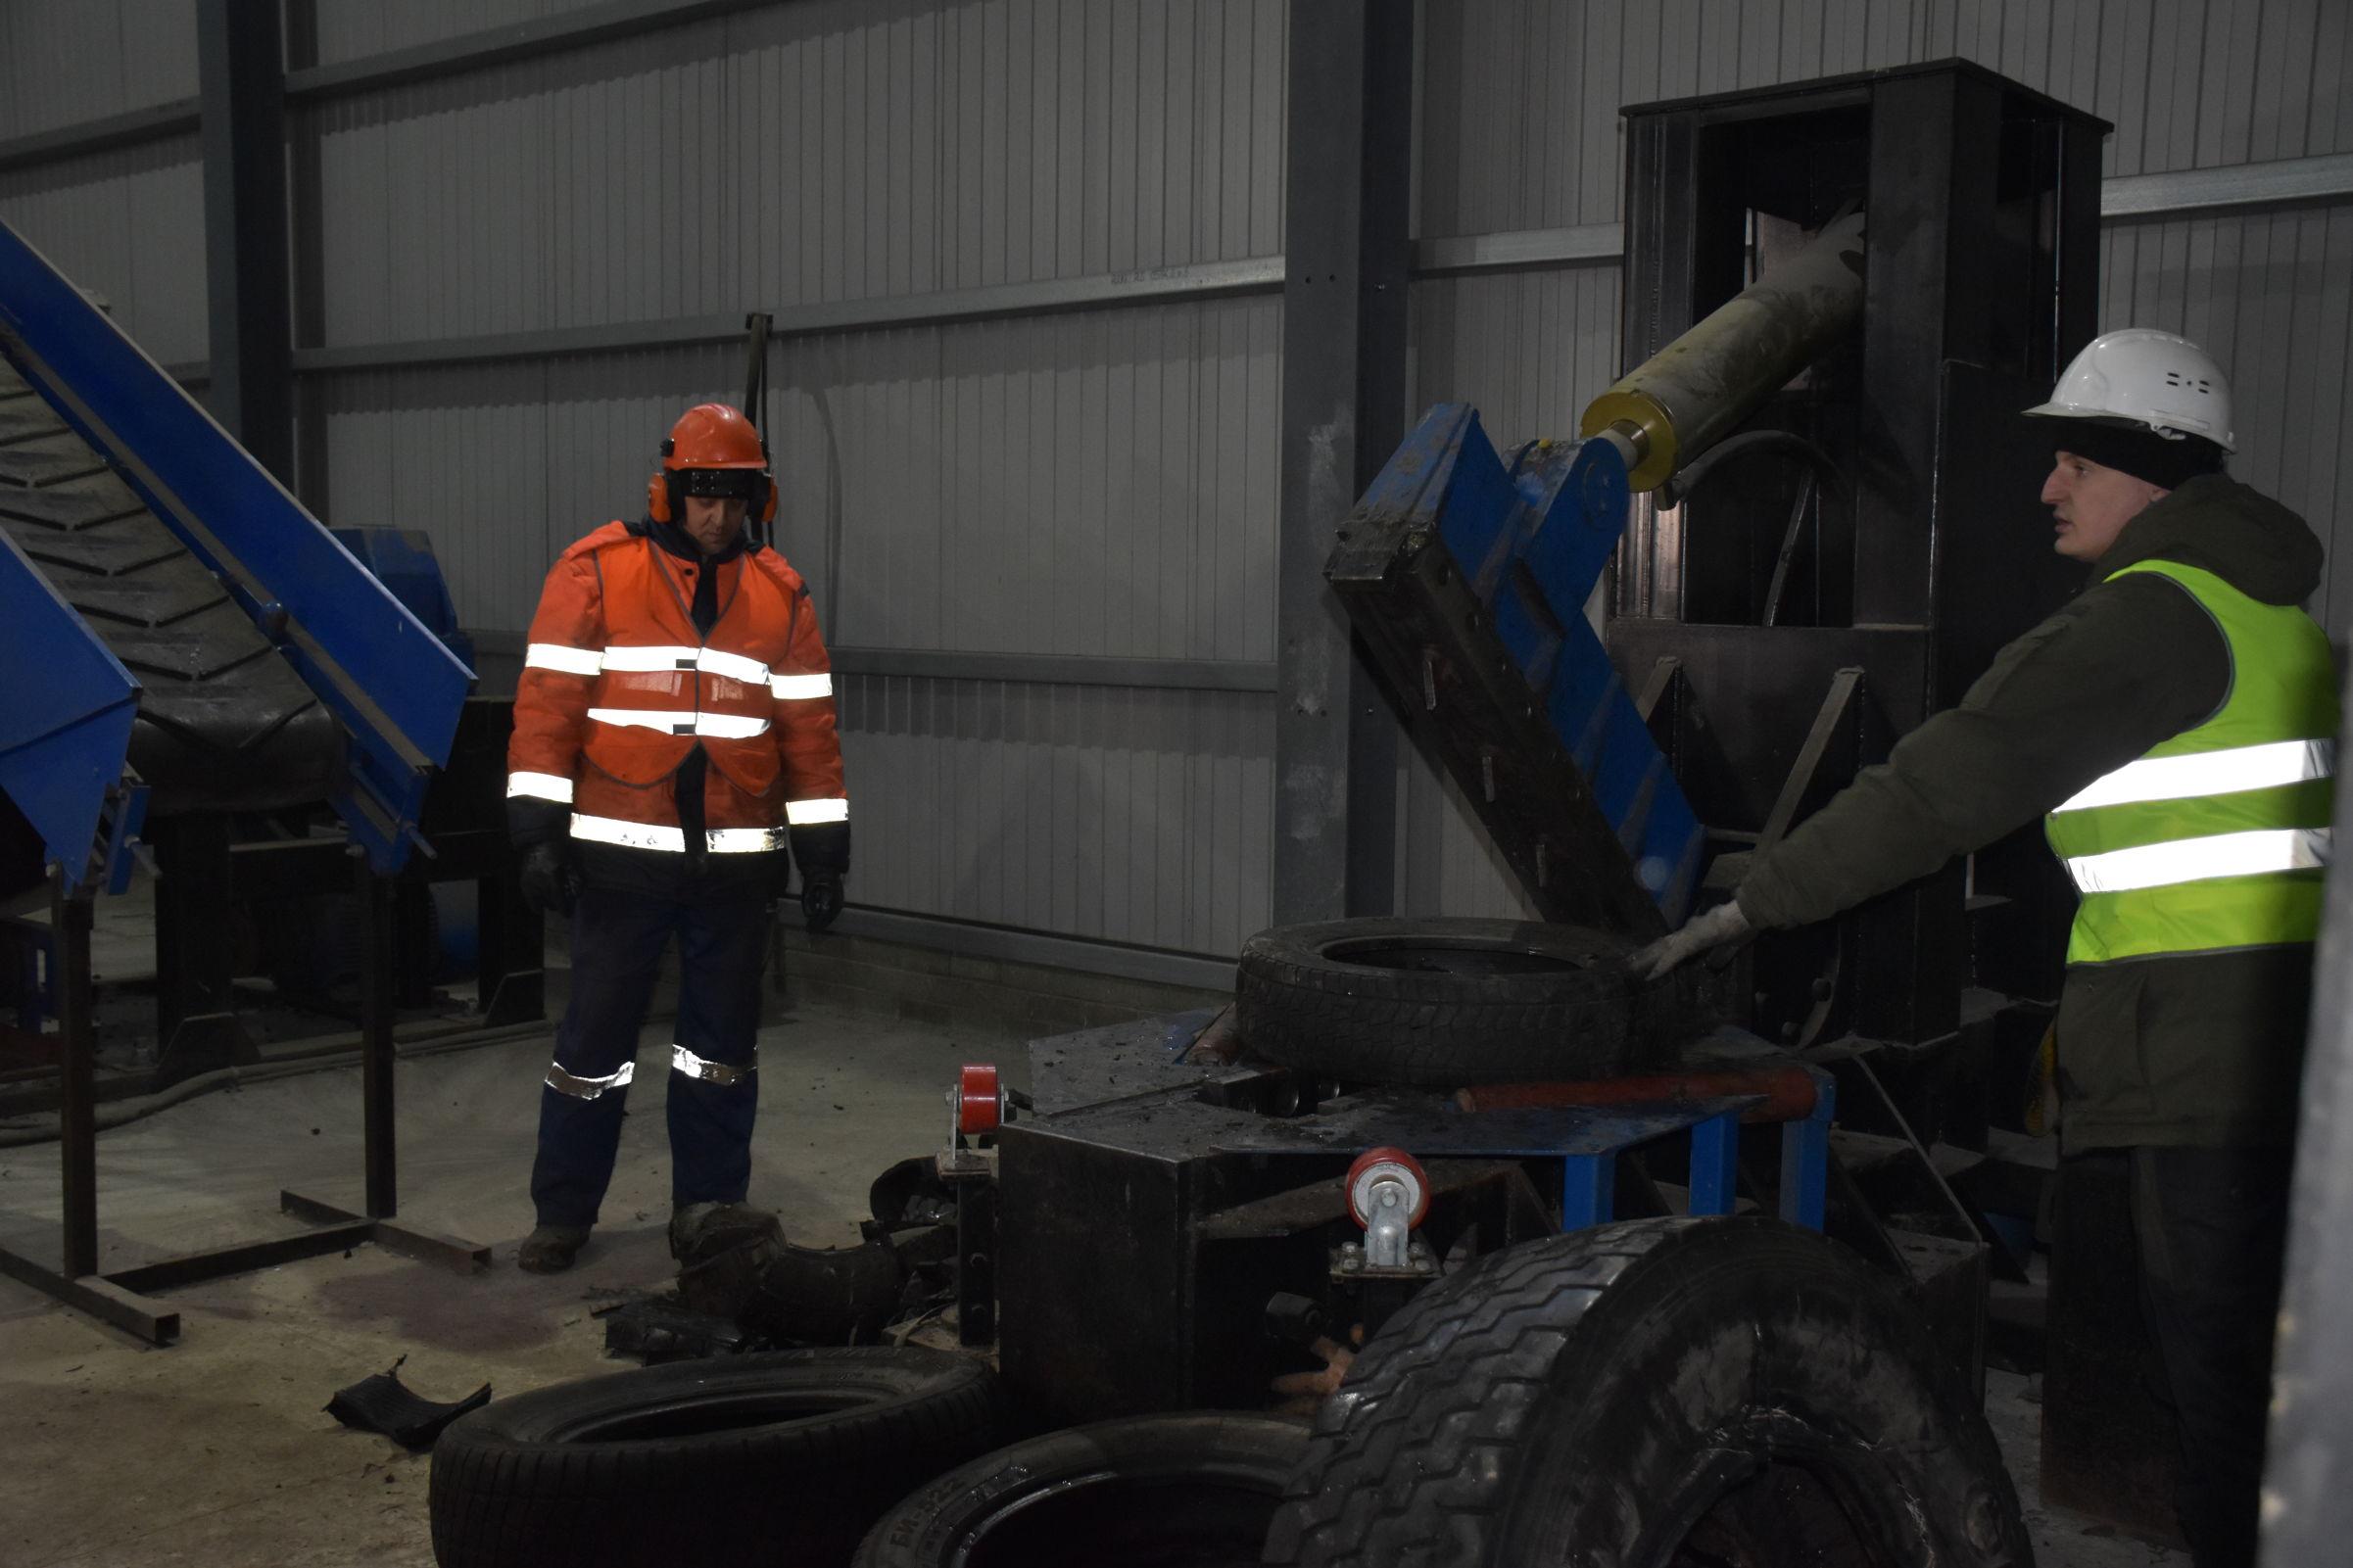 17 тонн автопокрышек собрали в рамках экоакции в Рыбинске